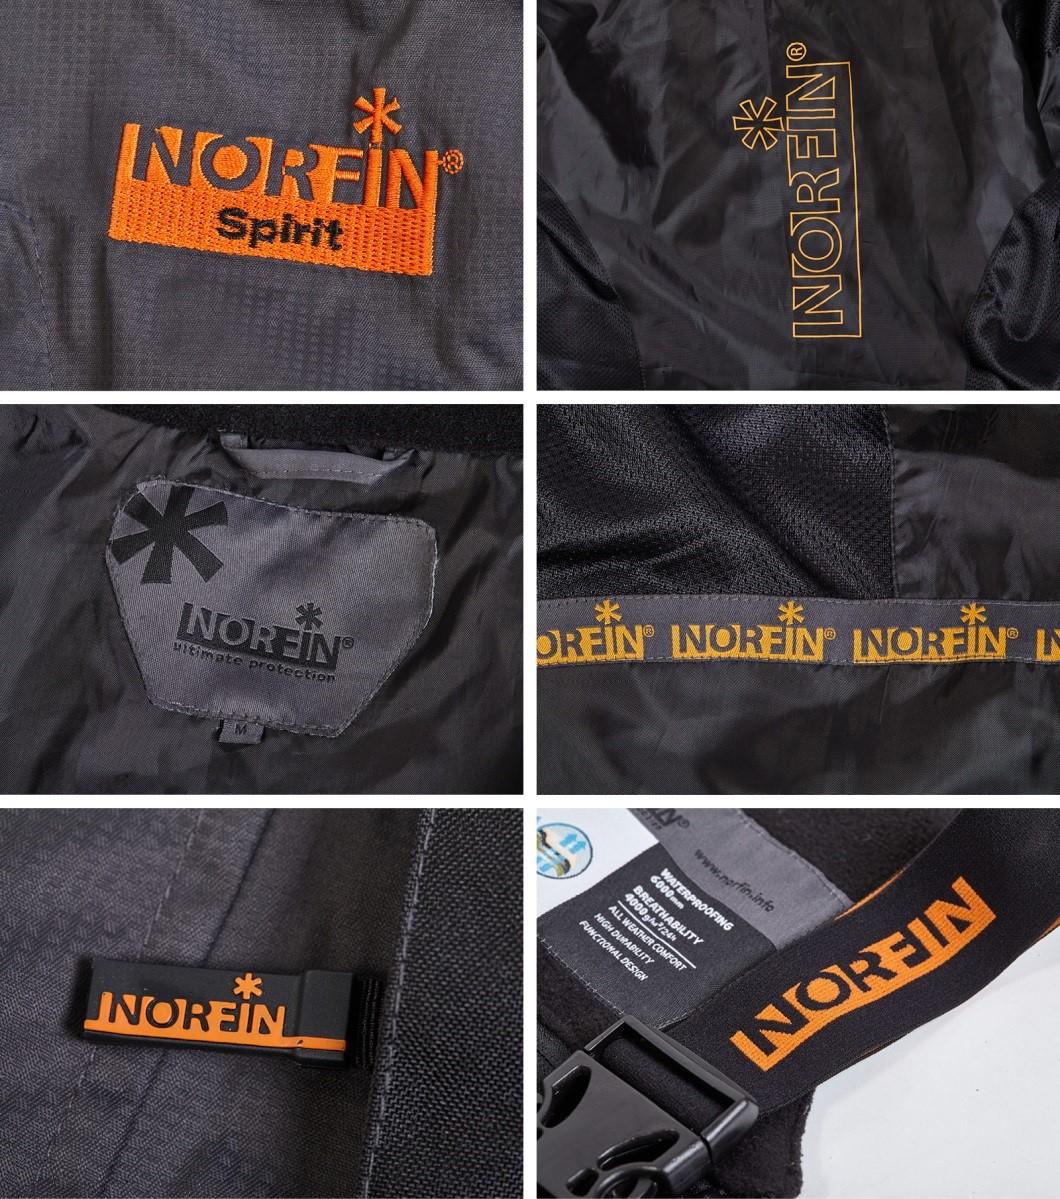 Norfin Spirit